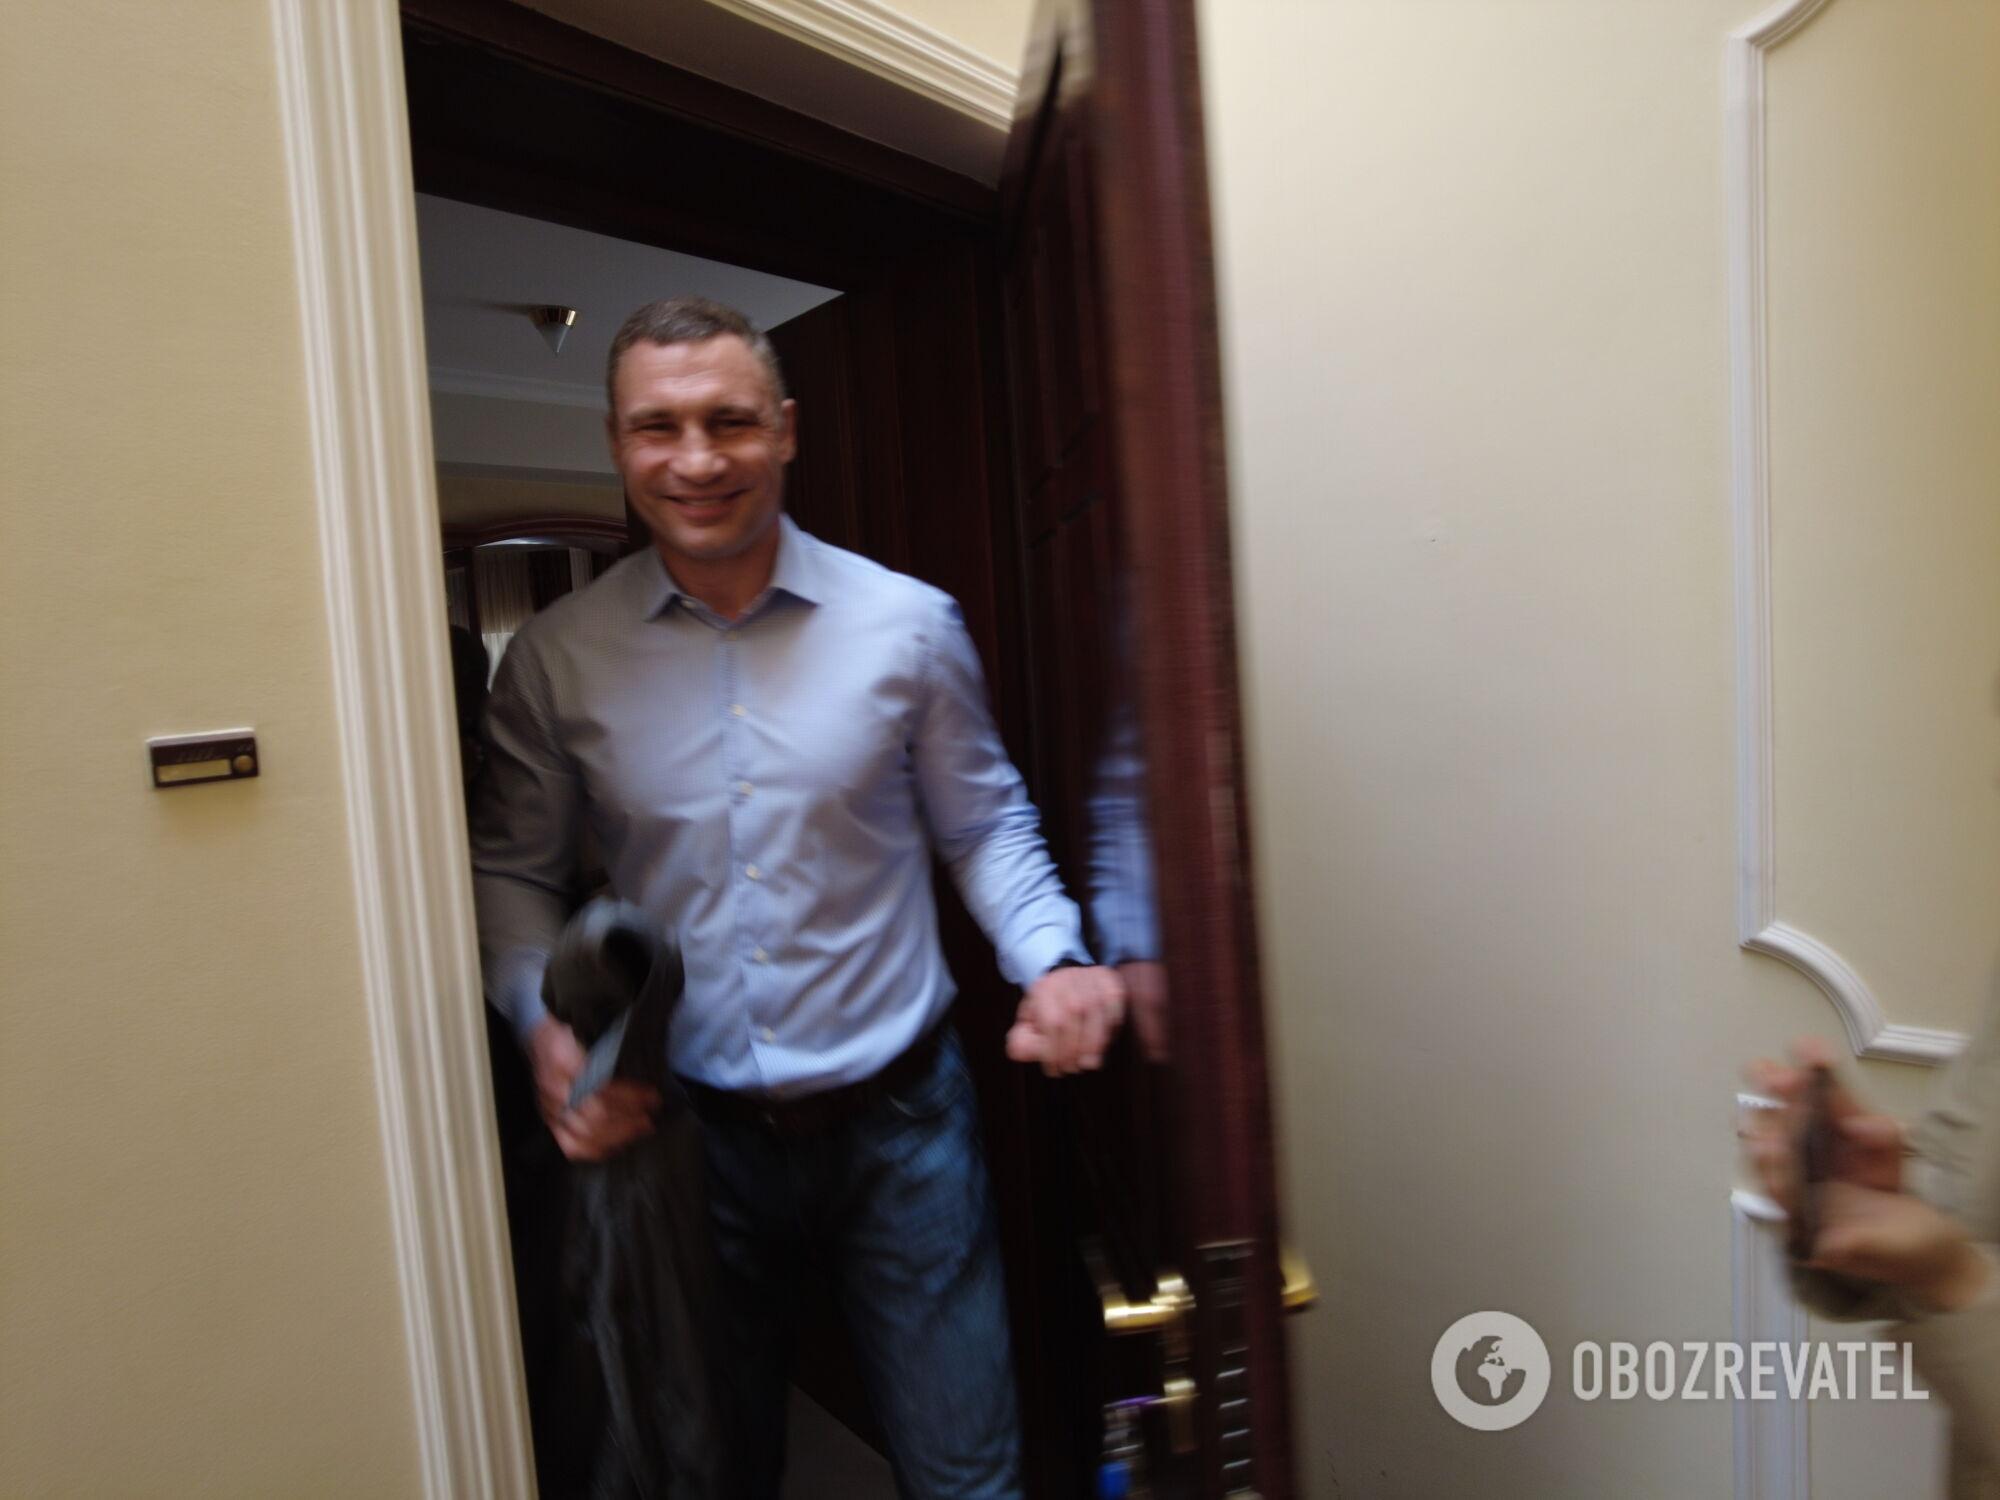 Мэр Киева Виталий Кличко заявил, что изначально бойцы СБУ поднялись на его этаж